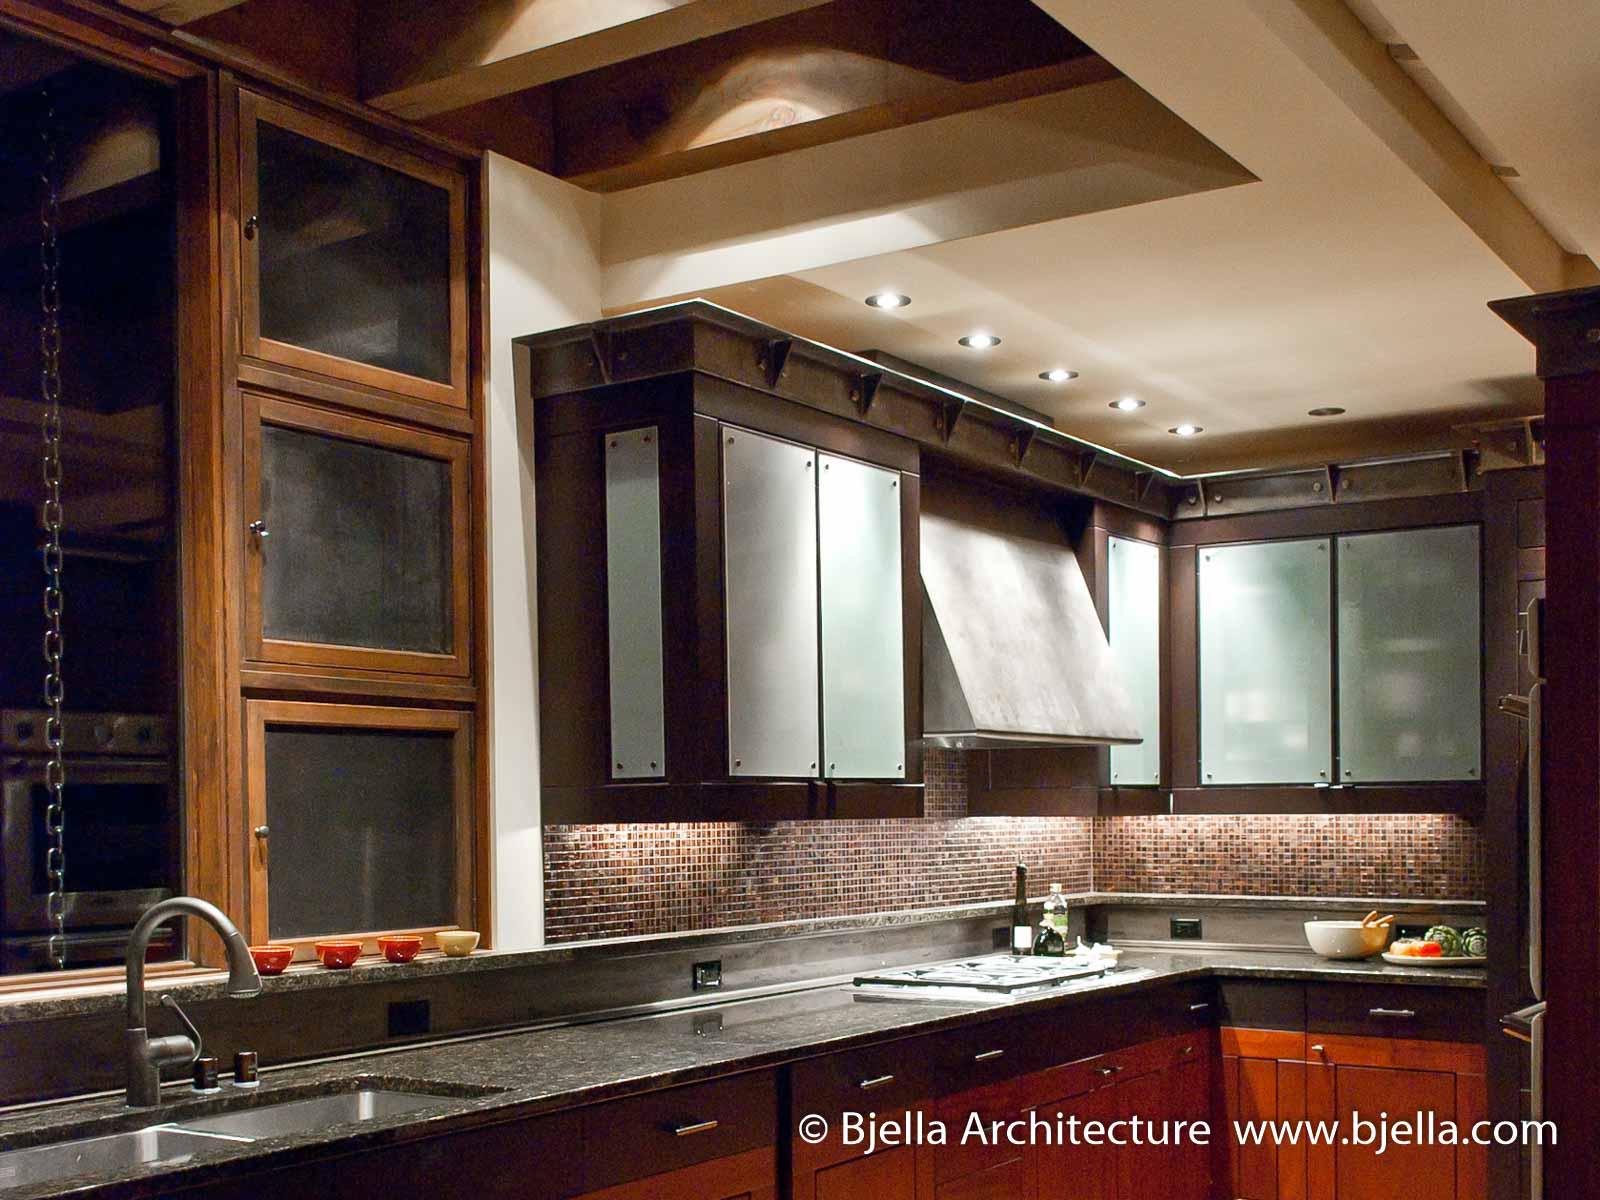 Bjella Architecture   Modern Kitchen Design 3